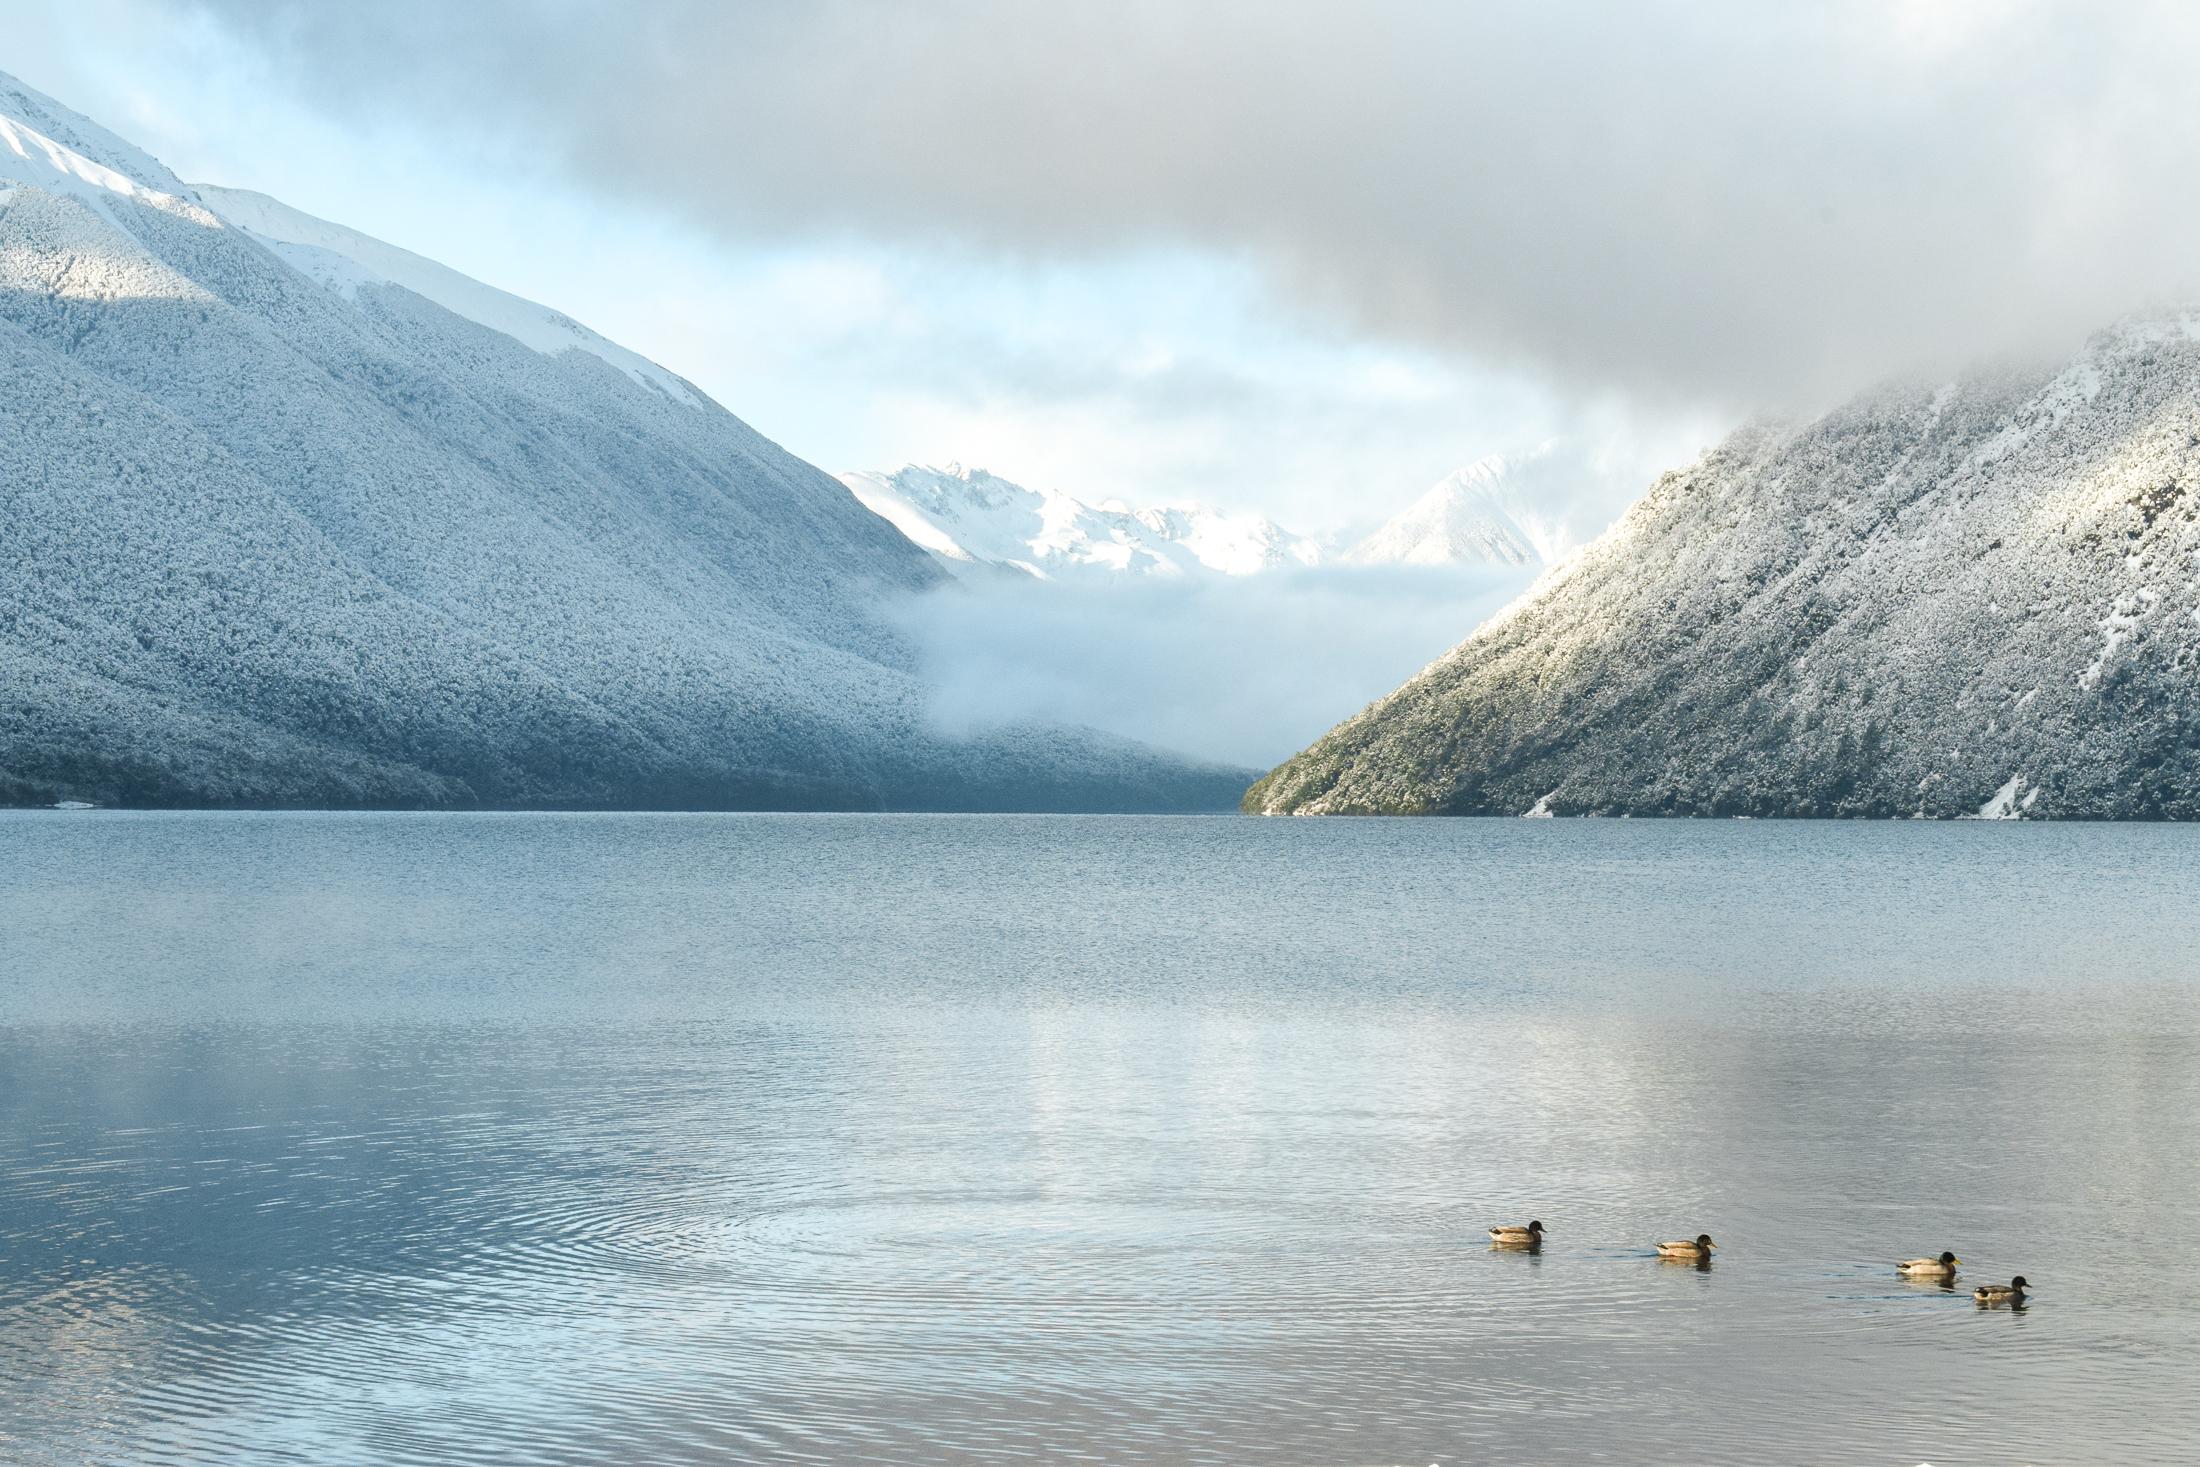 vy över vatten och snötäckta berg.